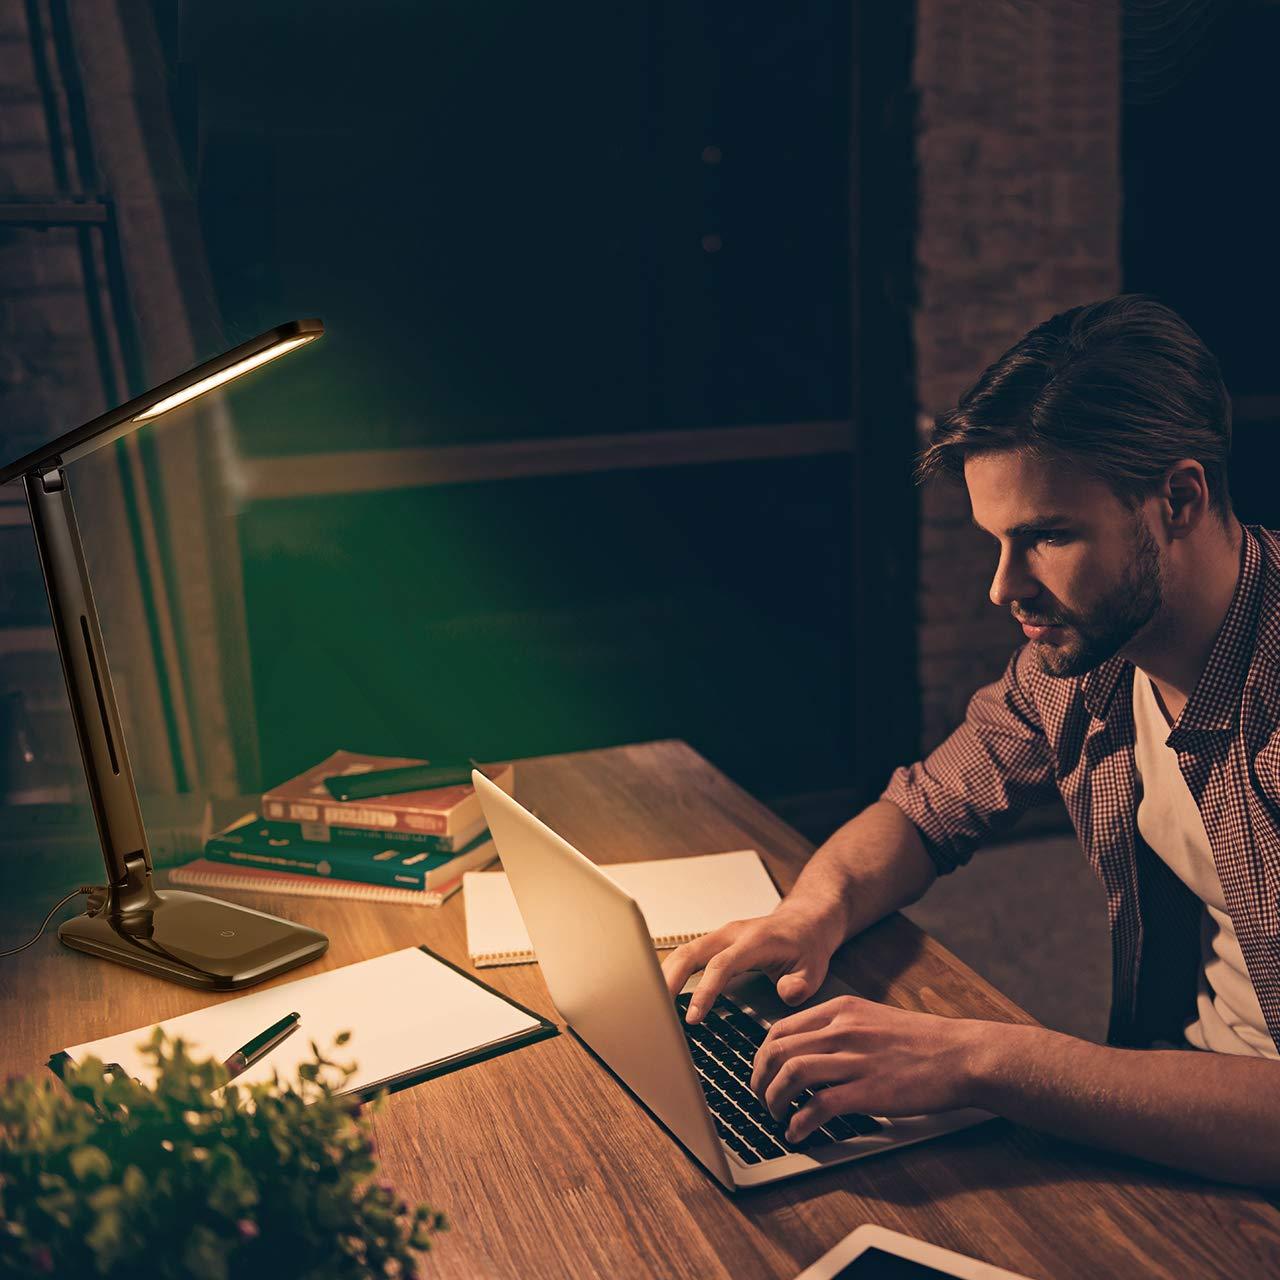 Kinder VICTSING LED Schreibtischlampe Schwarz LED Dimmbare Tischleuchte 3 Farb und 3 Helligkeitsstufen Augenfreundliche Nachttischlampe,Leselicht ideal f/ür Leser B/üro